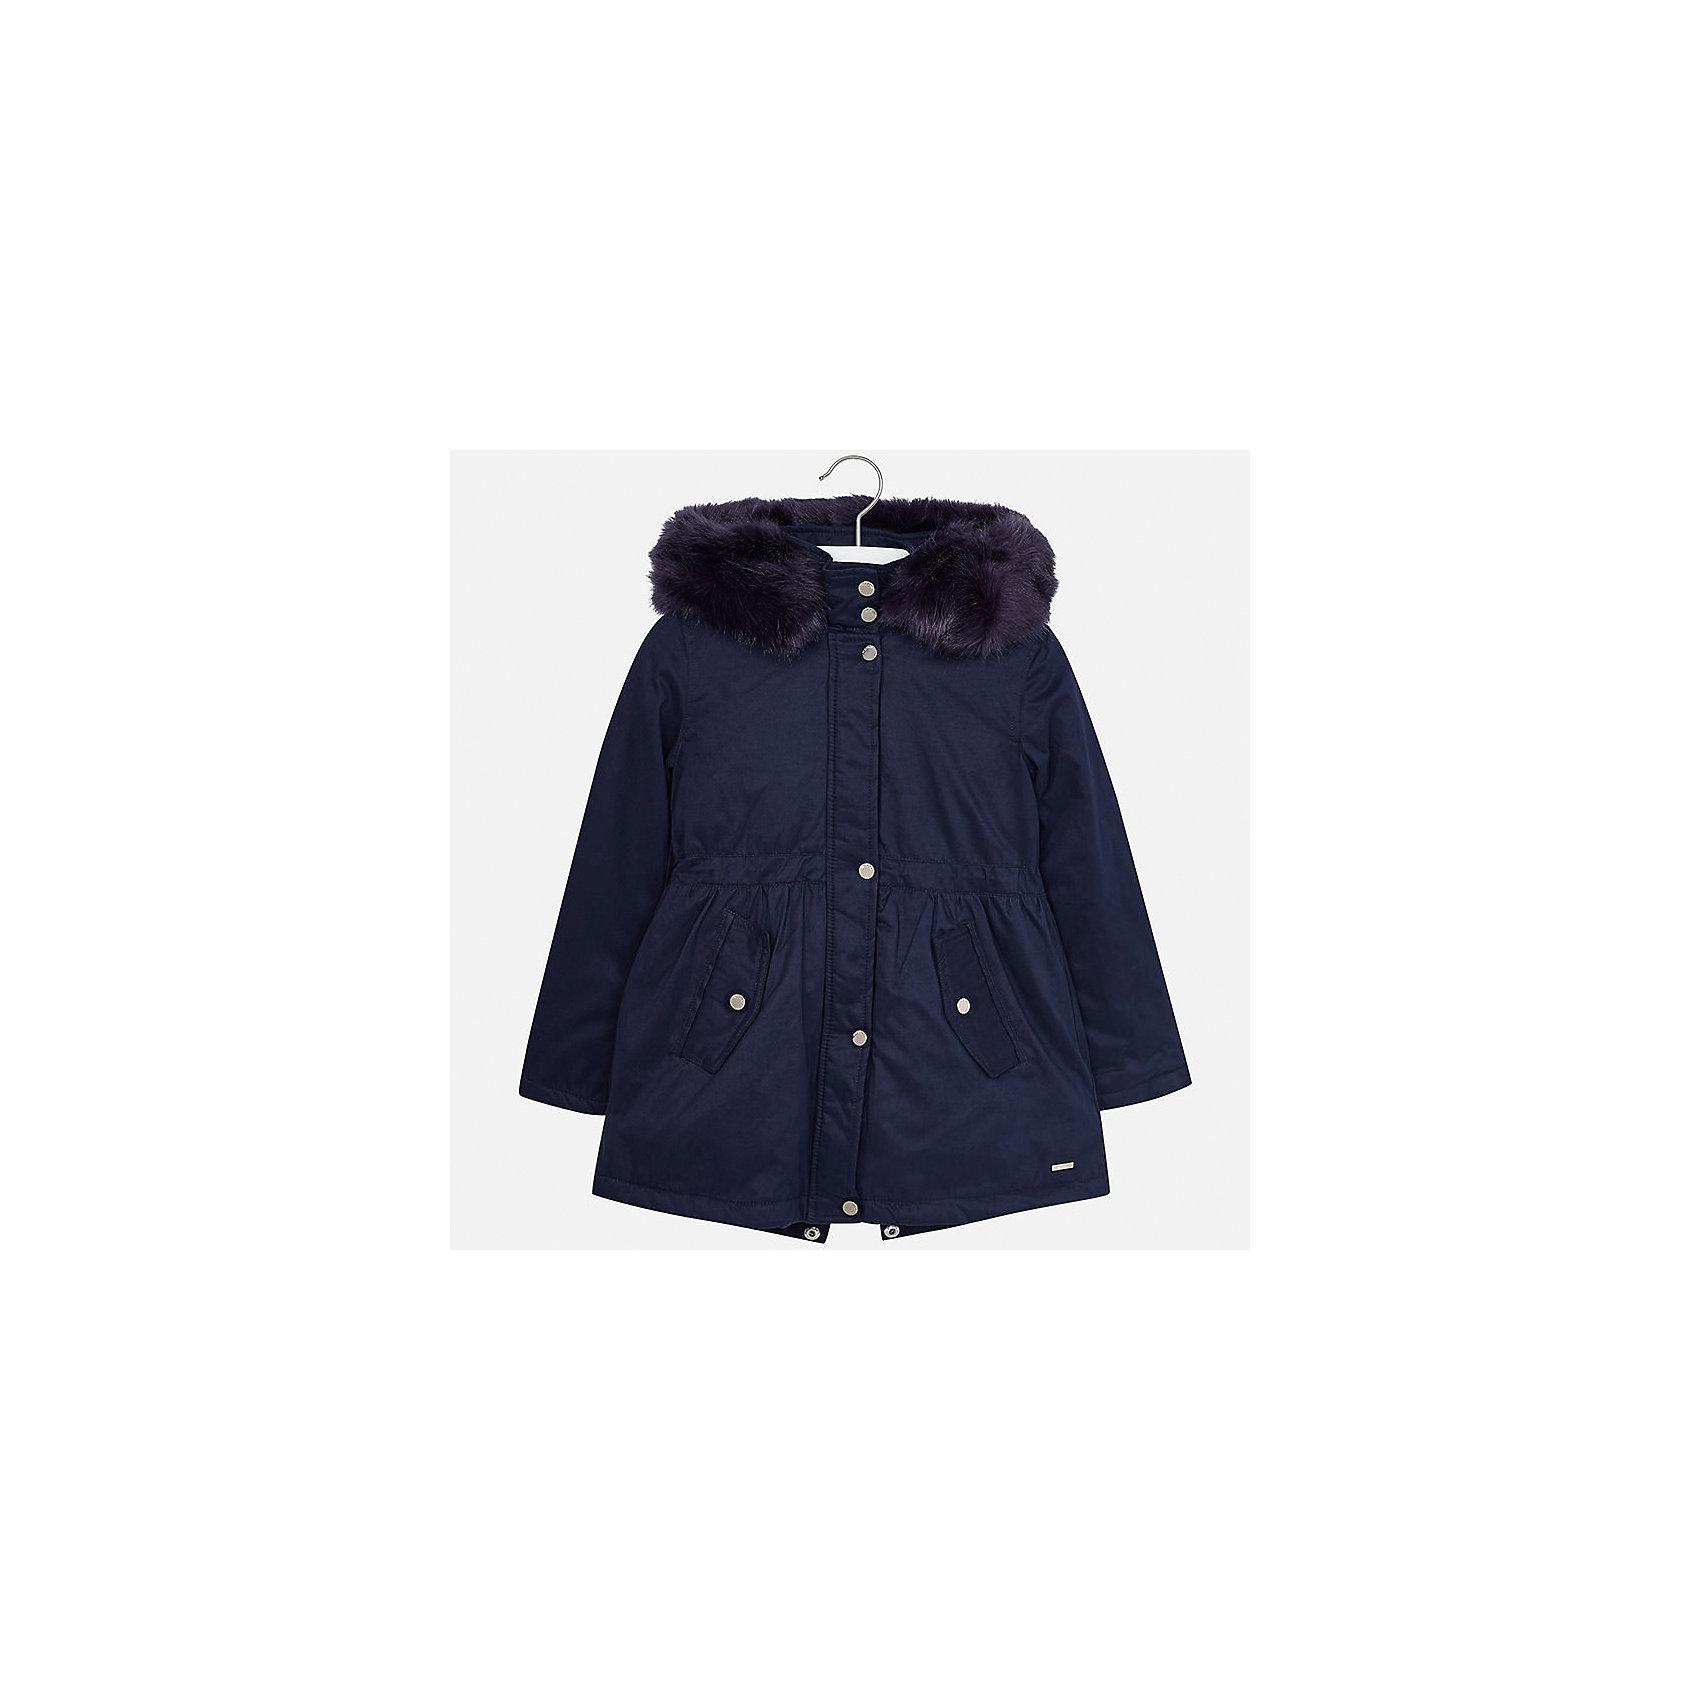 Куртка Mayoral для девочкиДемисезонные куртки<br>Характеристики товара:<br><br>• цвет: синий<br>• состав ткани: 90% полиэстер, 10% полиамид, подклад - 100% полиэстер, утеплитель - 100% полиэстер<br>• застежка: молния<br>• капюшон с опушкой<br>• сезон: демисезон<br>• температурный режим: от 0 до -10С<br>• страна бренда: Испания<br>• страна изготовитель: Индия<br><br>Синяя куртка Mayoral с отделкой из искусственного меха соответствует новейшим тенденциям молодежной моды. Такая утепленная куртка поможет сделать образ стильным и оригинальным. <br><br>В одежде от испанской компании Майорал ребенок будет выглядеть модно, а чувствовать себя - комфортно. Целая команда европейских талантливых дизайнеров работает над созданием стильных и оригинальных моделей одежды.<br><br>Куртку для девочки Mayoral (Майорал) можно купить в нашем интернет-магазине.<br><br>Ширина мм: 356<br>Глубина мм: 10<br>Высота мм: 245<br>Вес г: 519<br>Цвет: синий<br>Возраст от месяцев: 168<br>Возраст до месяцев: 180<br>Пол: Женский<br>Возраст: Детский<br>Размер: 170,128/134,140,152,158,164<br>SKU: 6922178